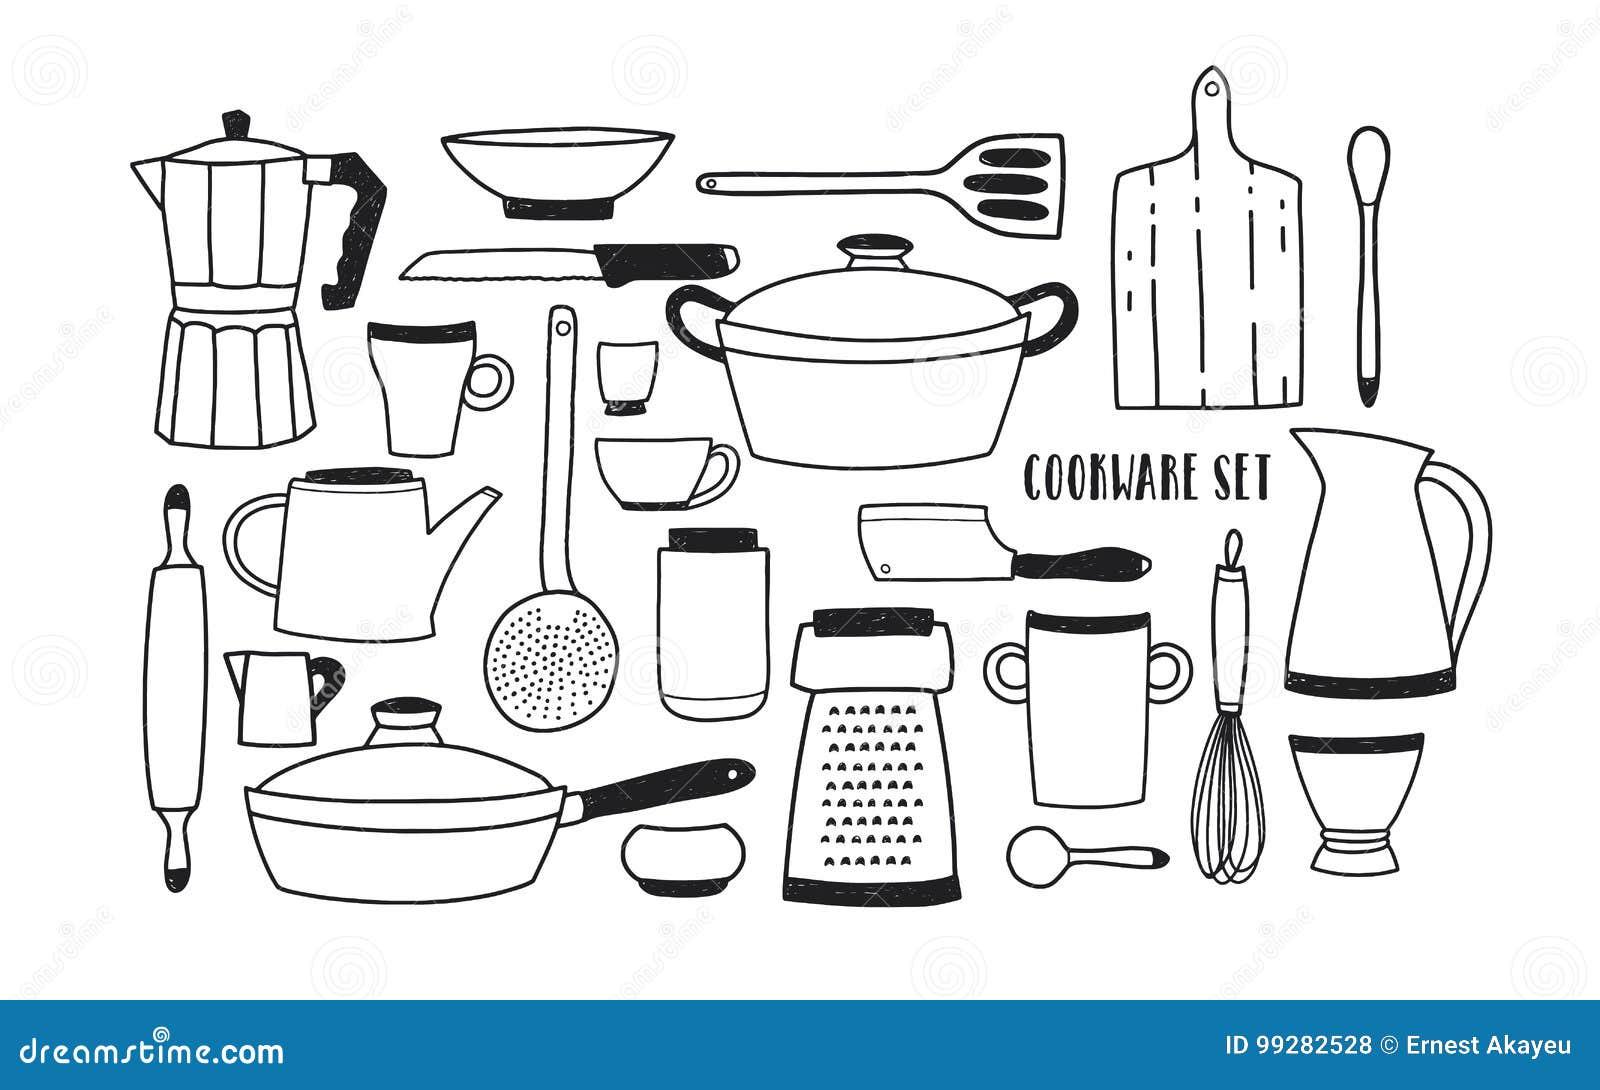 Sammlung Hand Gezeichnete Küchengeräte Und -werkzeuge Für Das Kochen ...